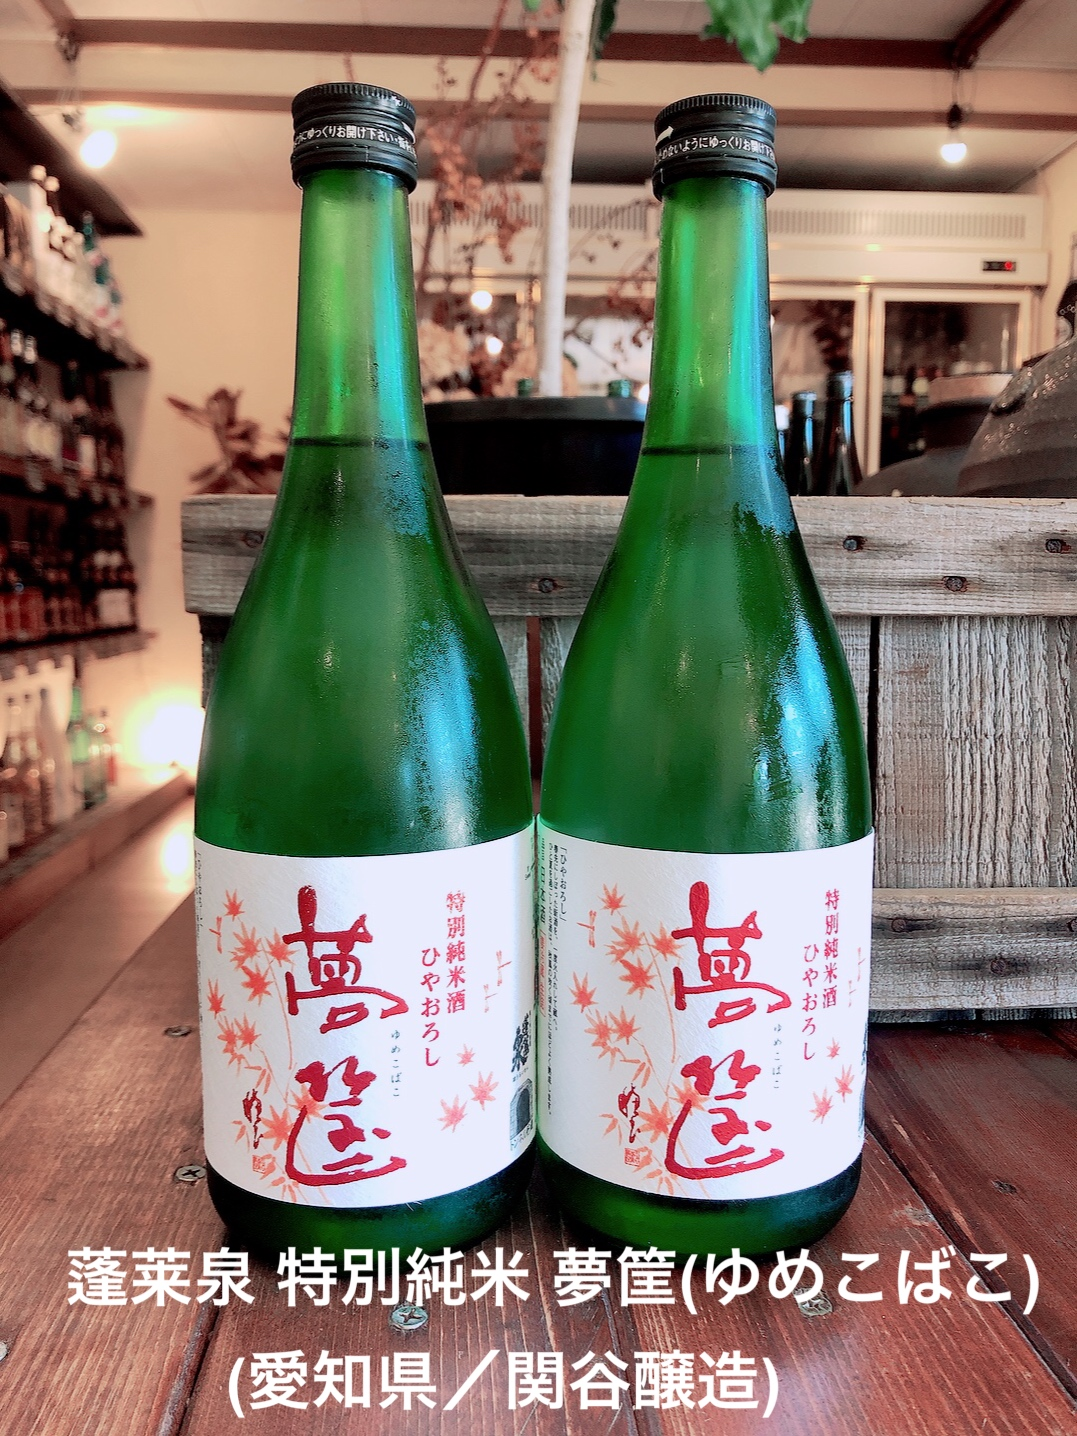 蓬莱泉 特別純米 夢筺-ゆめこばこ-(愛知県/関谷醸造)